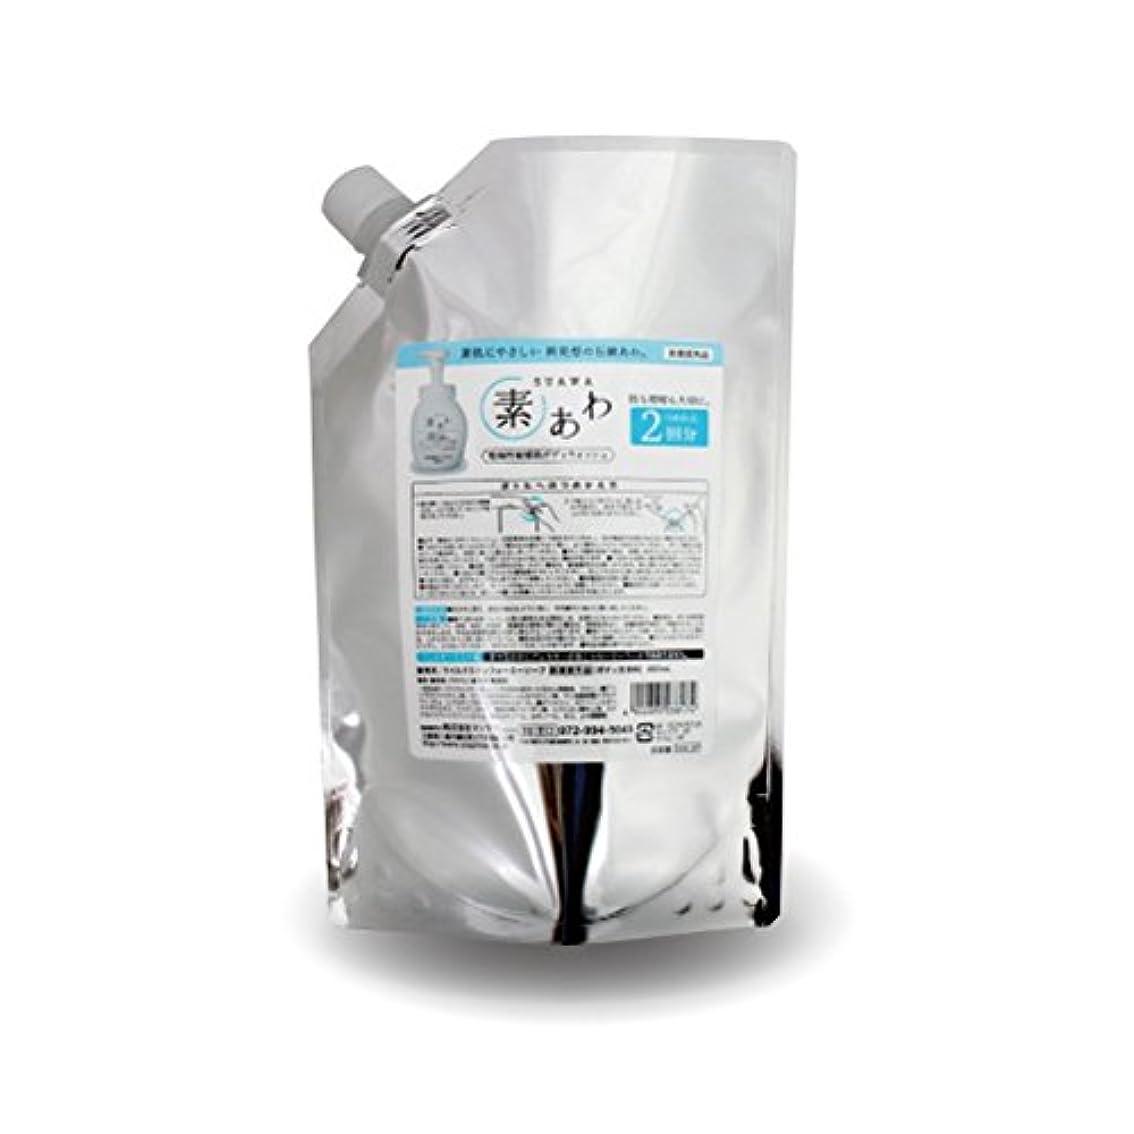 まとめる届けるサーマル薬用 素あわ 泡タイプ ボディソープ 詰替2回分パウチ 800mL 乾 燥 肌 ? 敏 感 肌 に